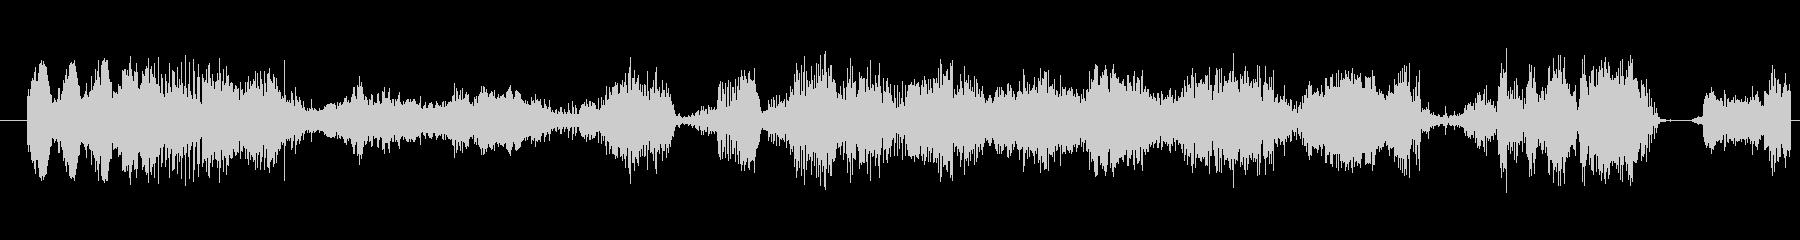 イメージ ボーカルグリッチ06の未再生の波形